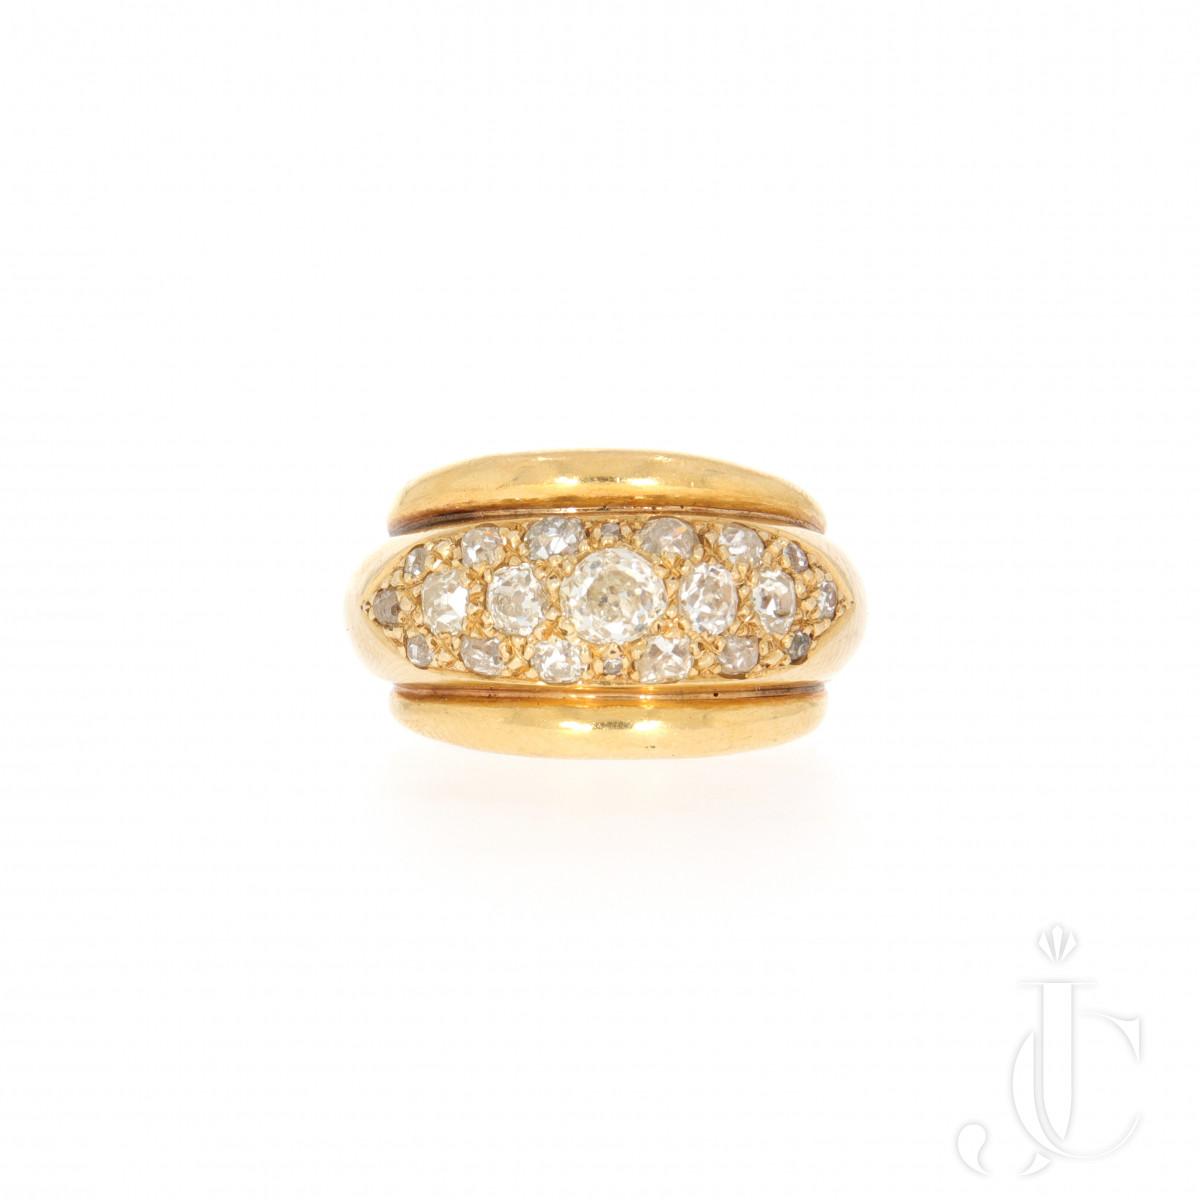 Rene Boivin Diamond Gold Ring